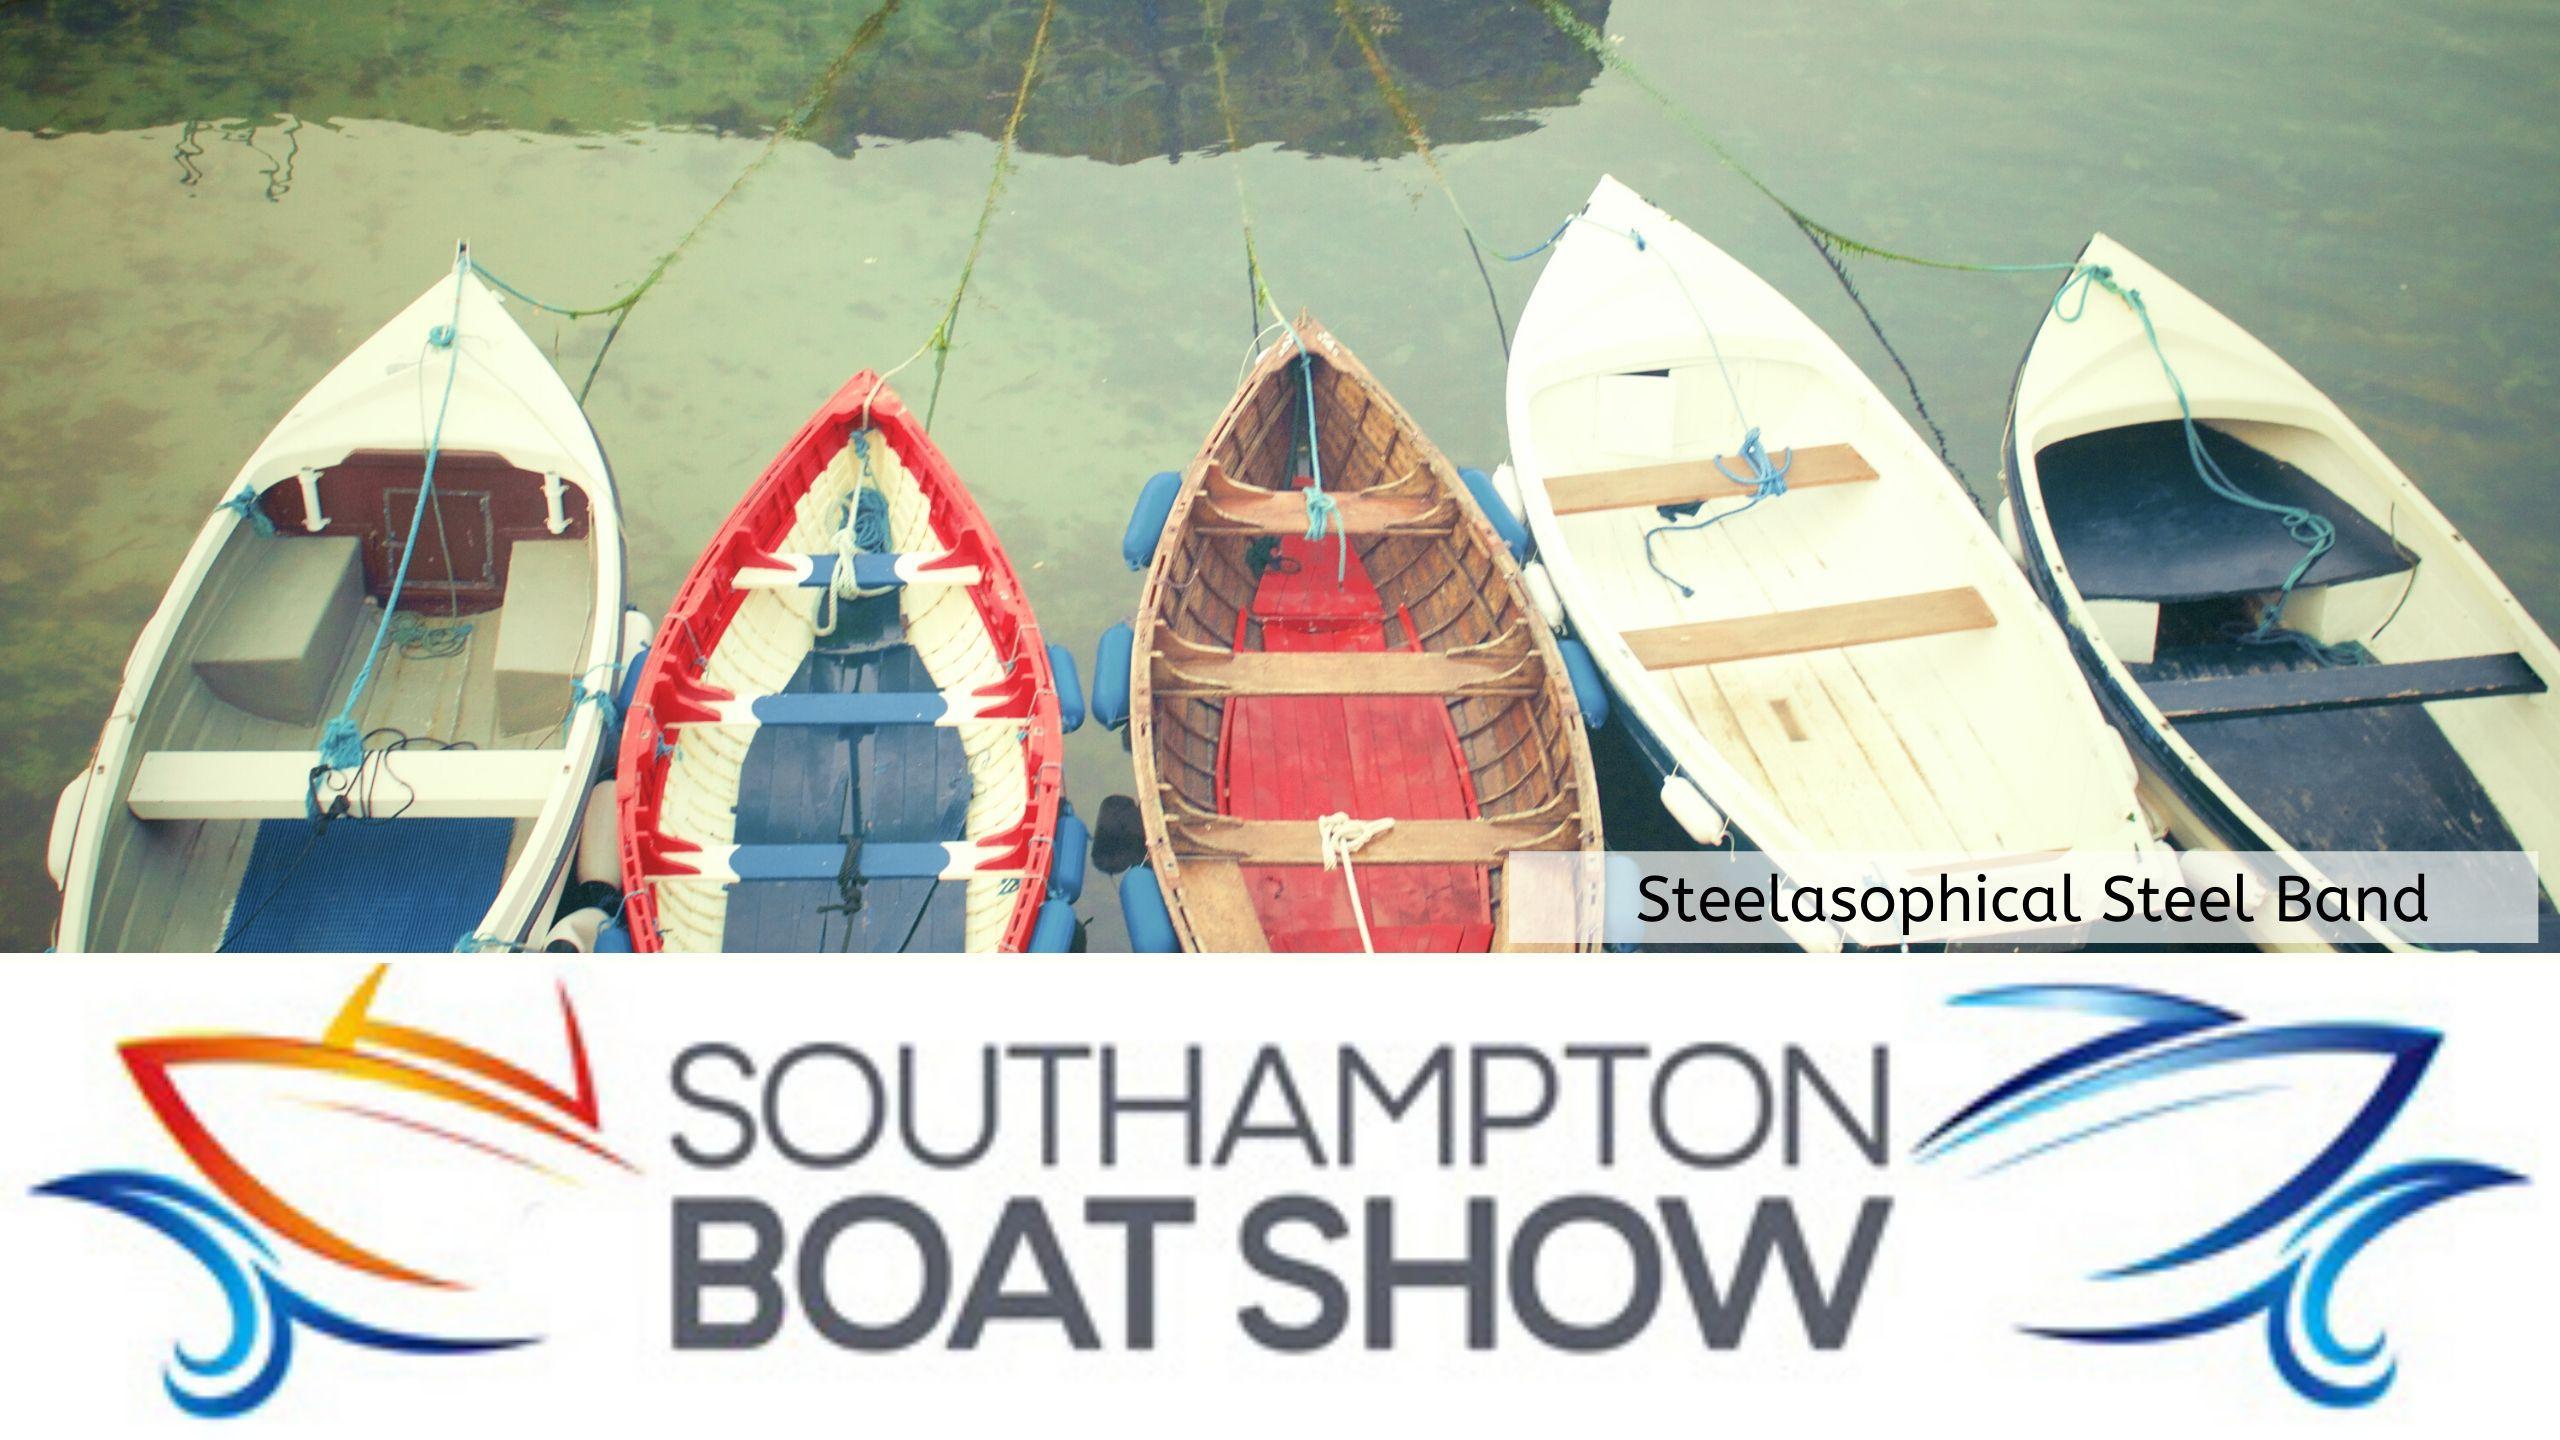 Steelasophical Steel Band Southampton Boat Show Yacht Market dt3tt